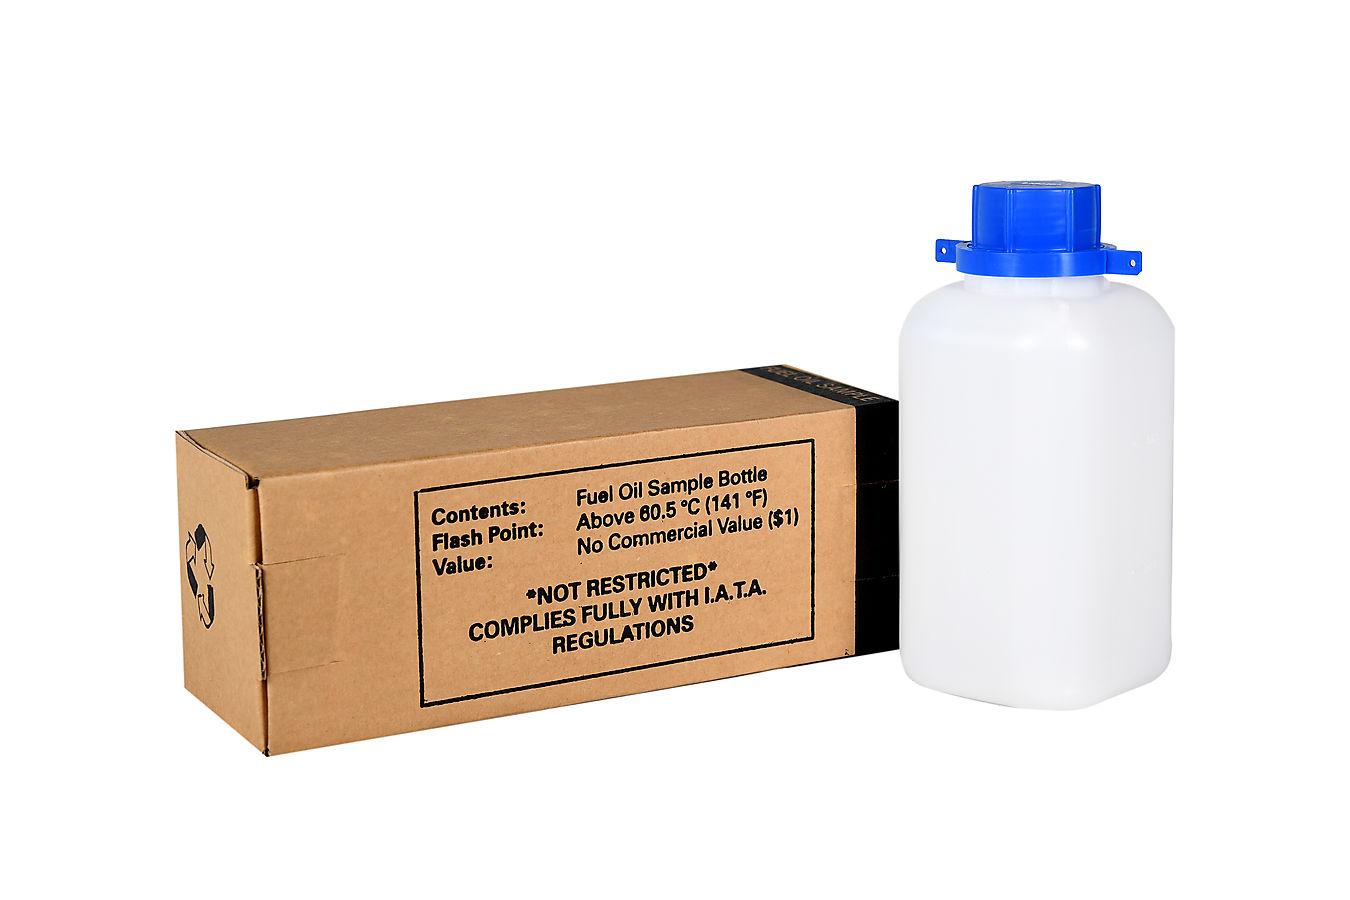 Bottle mailer pack